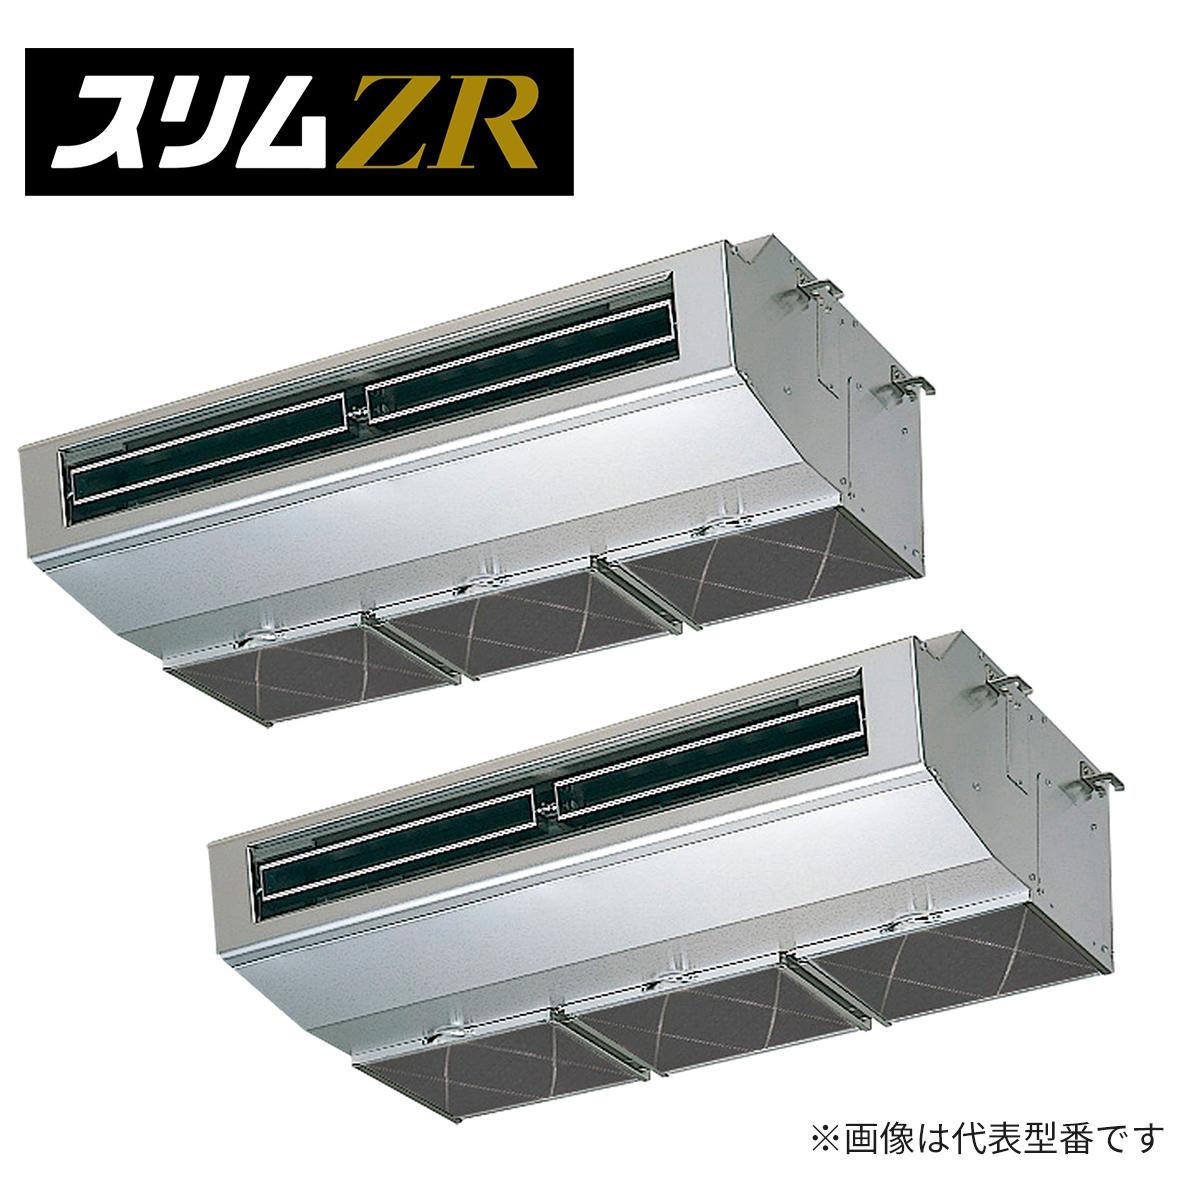 ###三菱 業務用エアコン【PCZX-ZRMP160HR】スリムZR 厨房用(天吊形) 同時ツイン 三相200V 6馬力